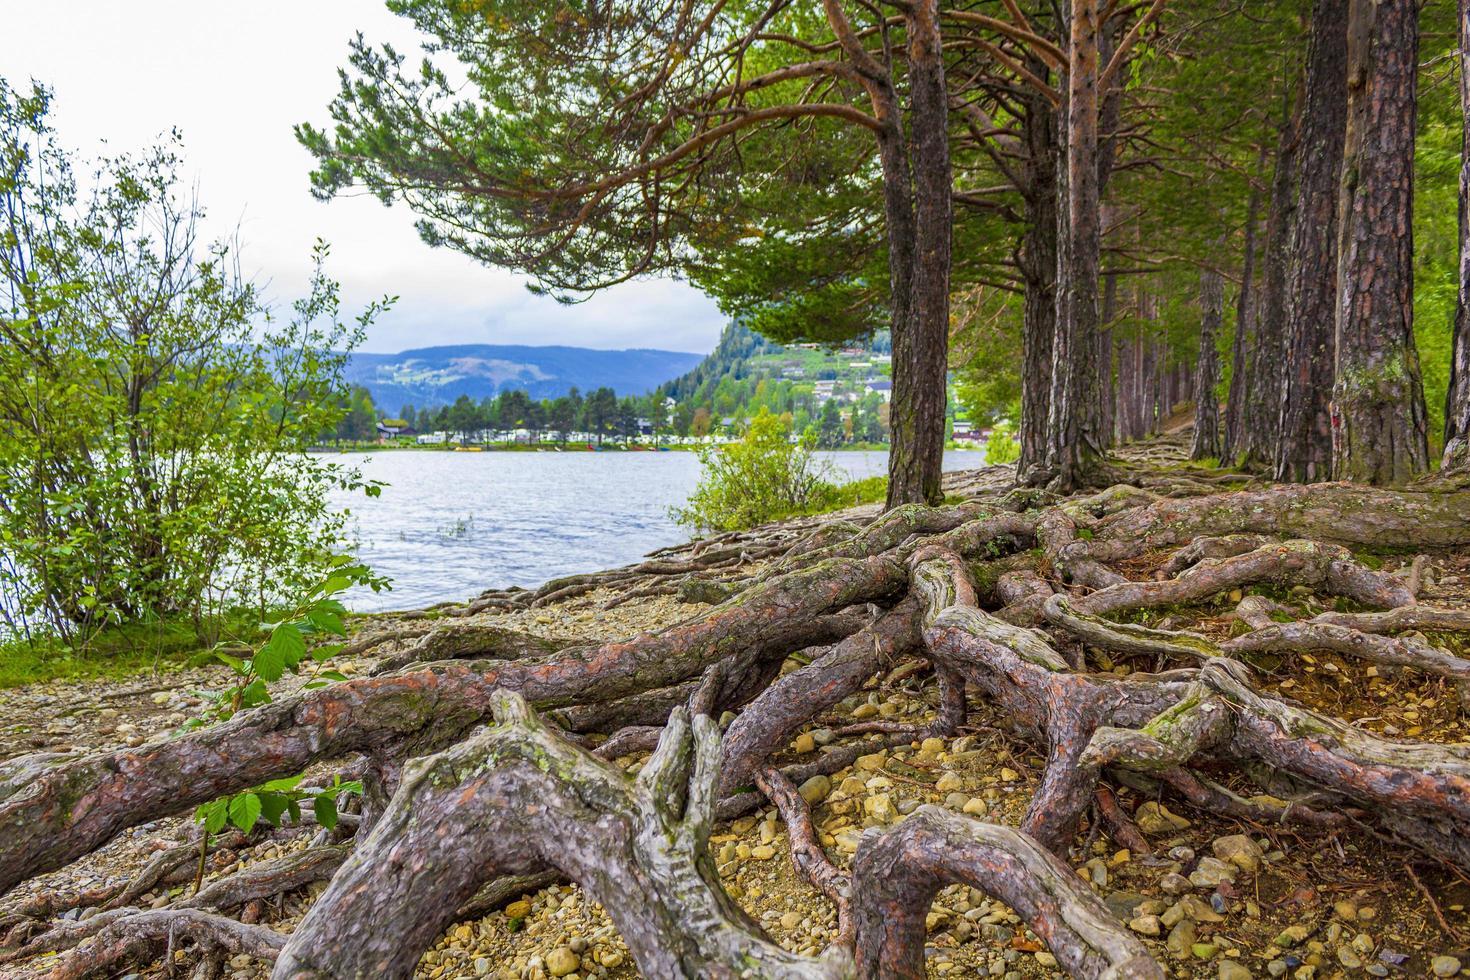 riesige flache baumwurzeln von kiefern fagernes insel norwegen foto